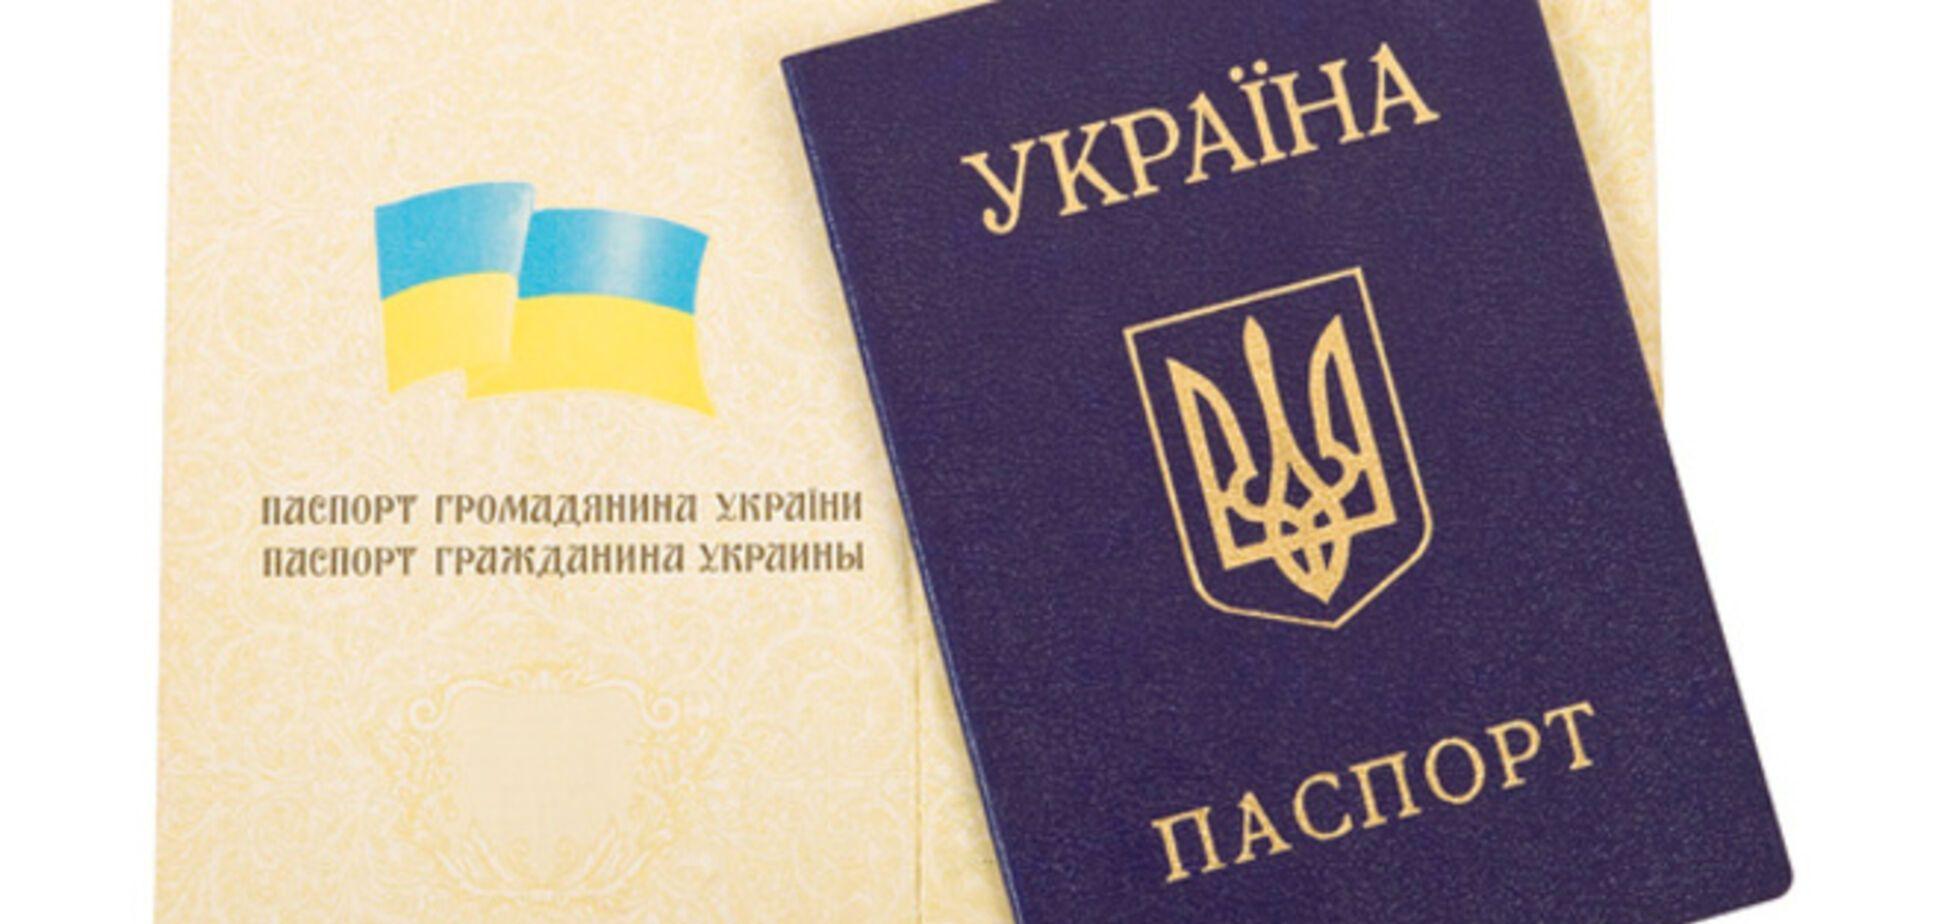 Оккупанты могут притянуть к уголовной ответственности крымчан, оставивших украинский паспорт